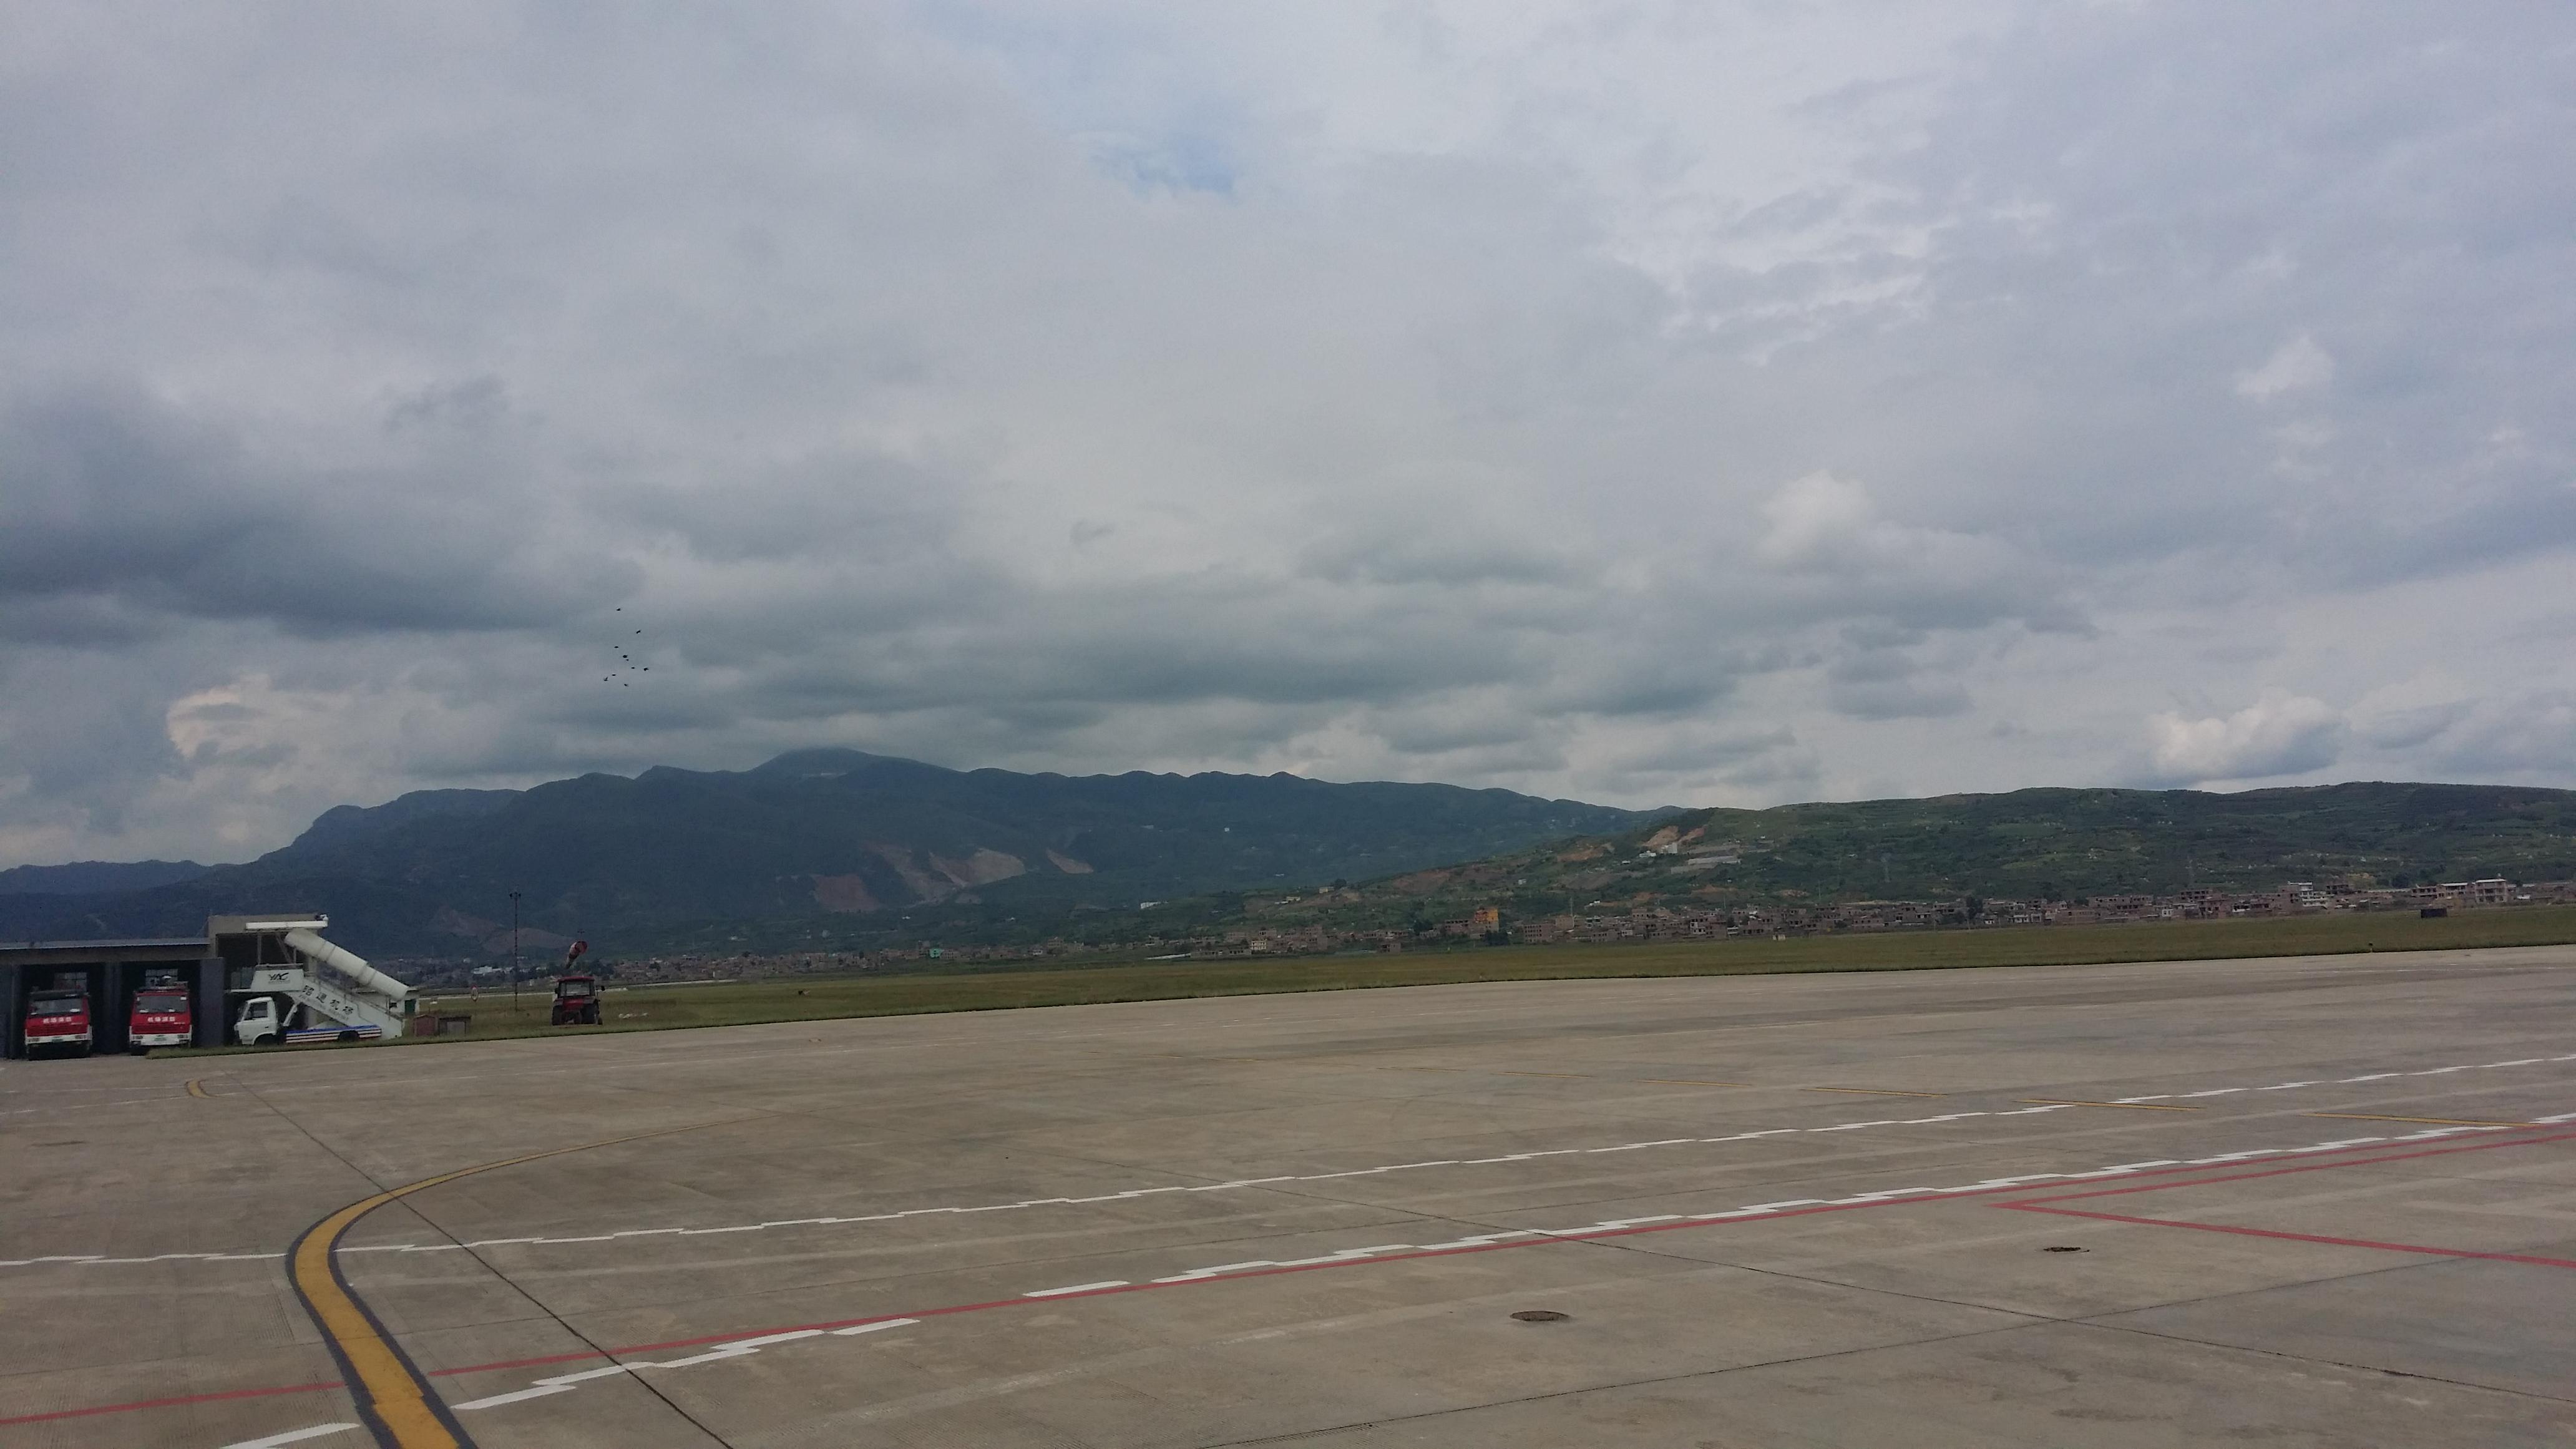 重庆,北京和成都等地的航班